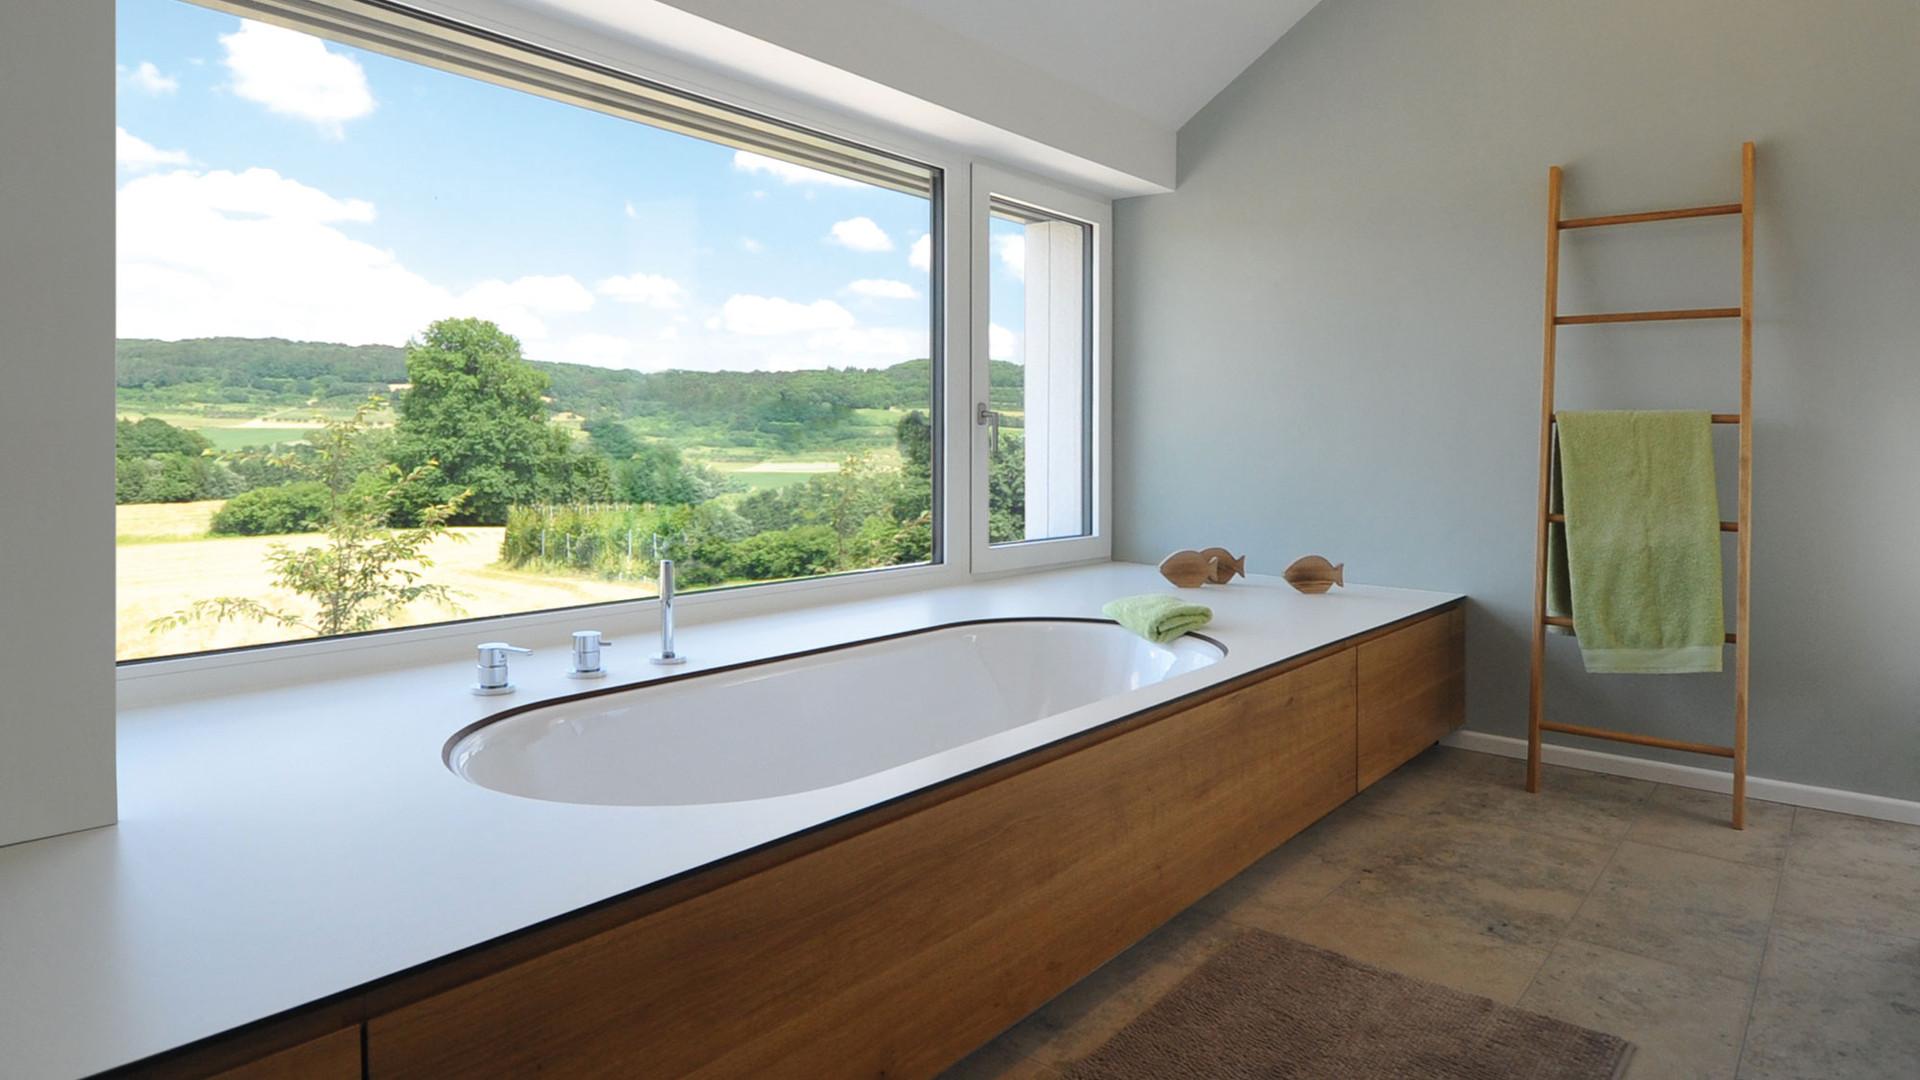 Badewanne mit Panoramablick in die Landschaft